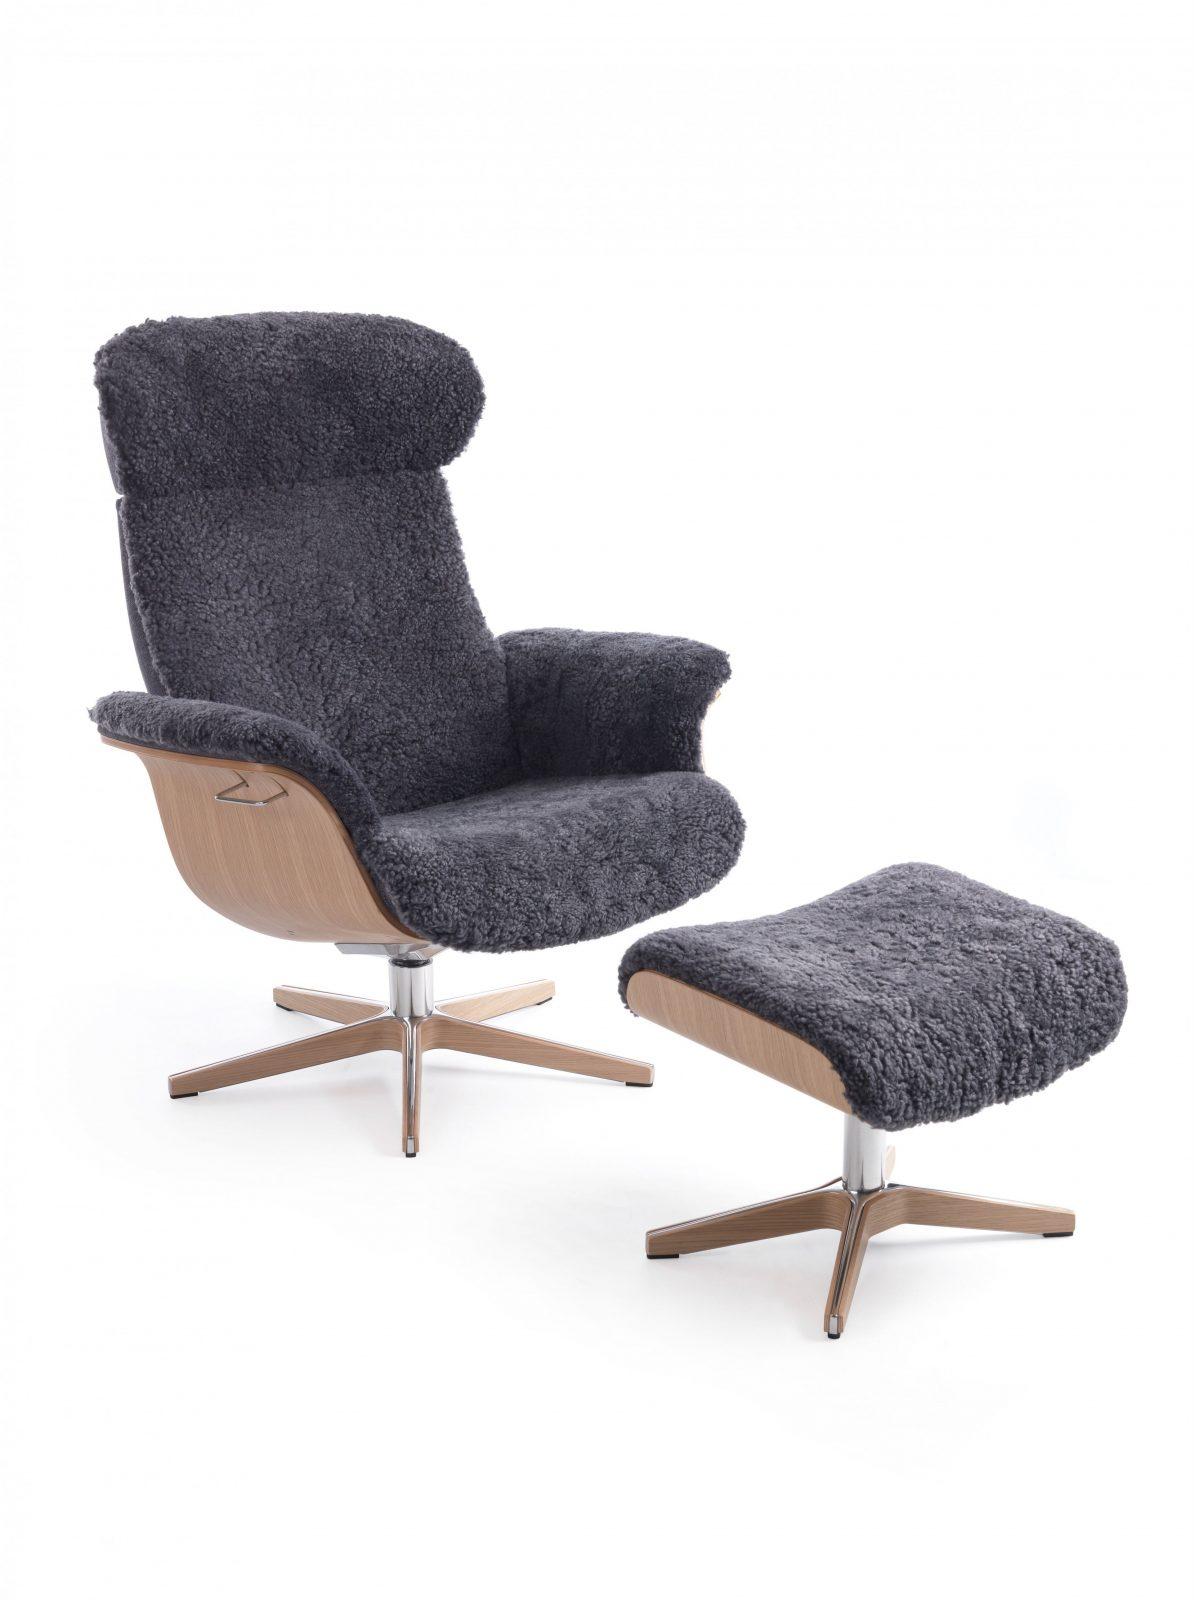 Conform Timeout Relaxsessel Und Hocker Xfuß Aluminium Mit Holz In von Relaxsessel Mit Hocker Ikea Bild